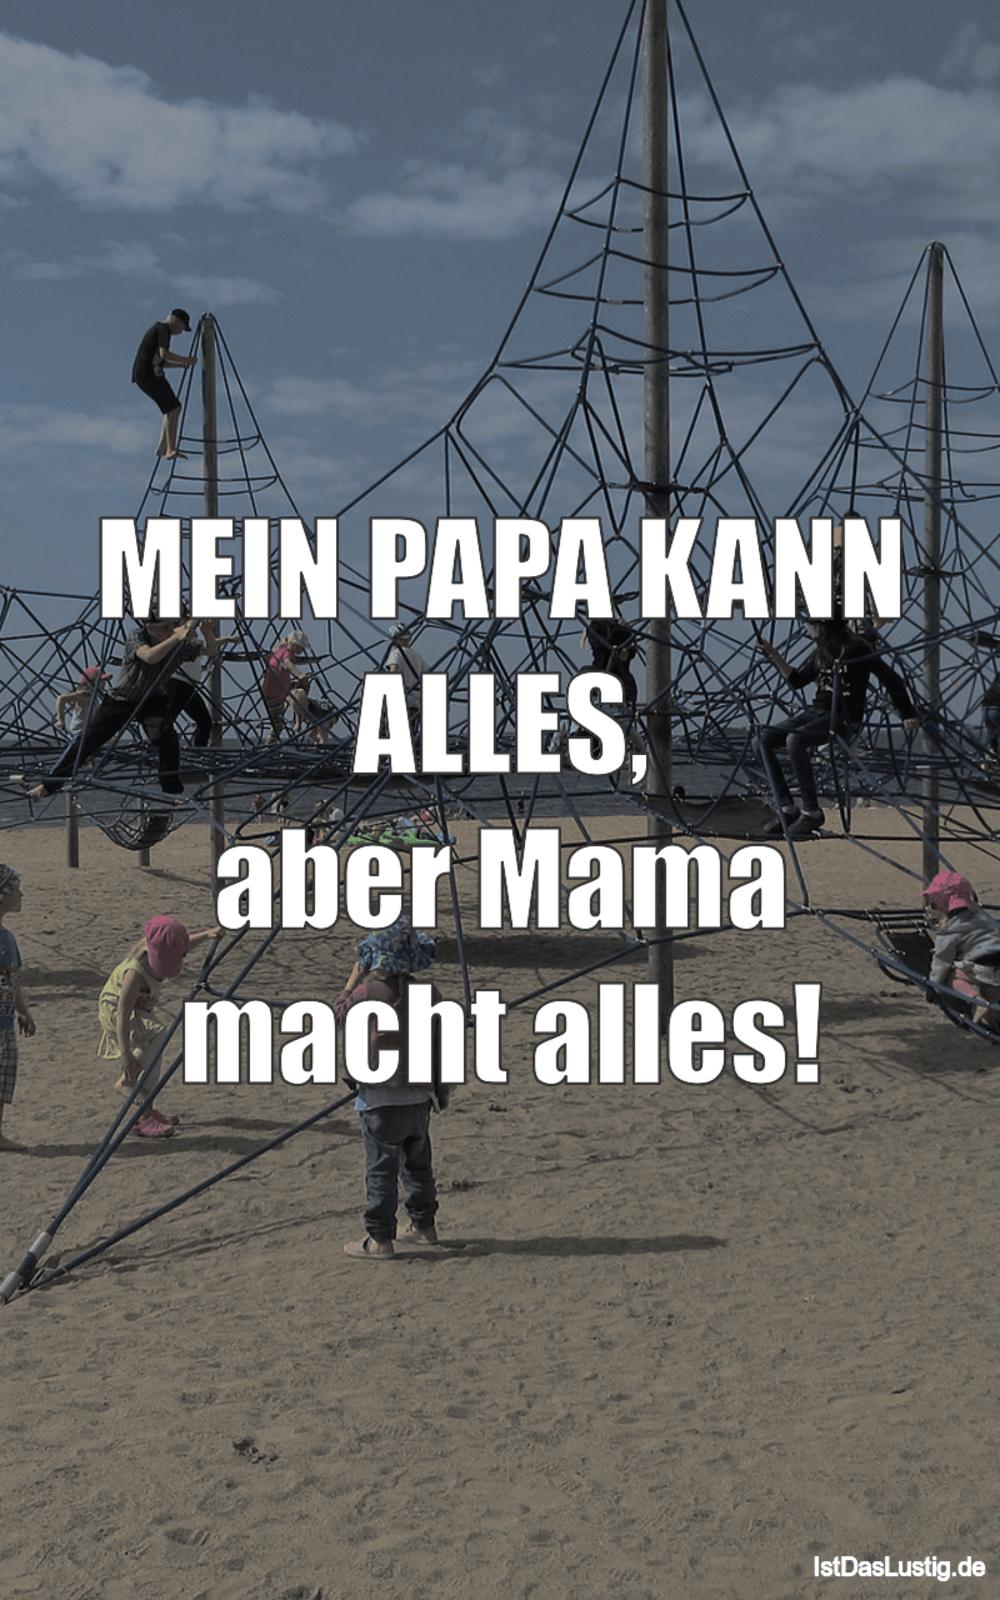 Lustiger BilderSpruch - MEIN PAPA KANN ALLES, aber Mama macht alles!